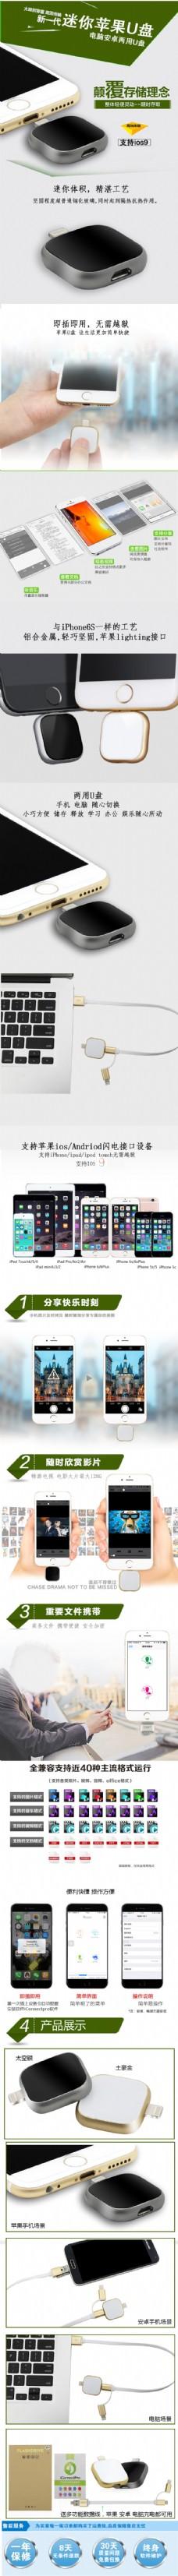 淘宝迷你苹果U盘详图页描述